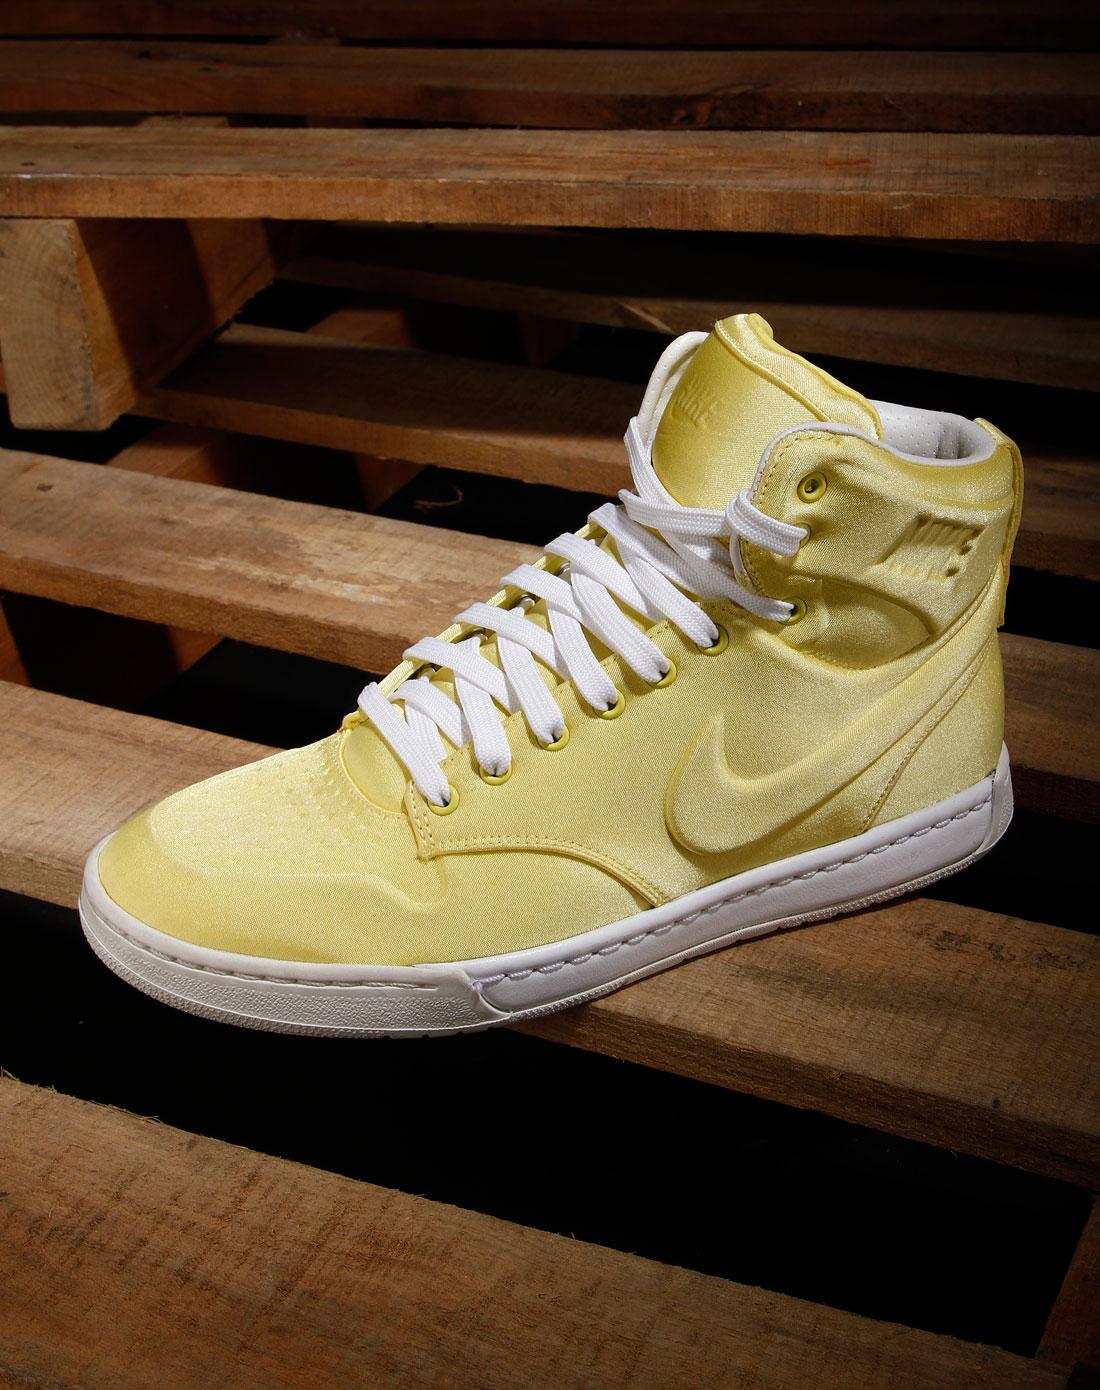 耐克nike女款柠檬黄/白色绑带时尚高邦运动鞋395775